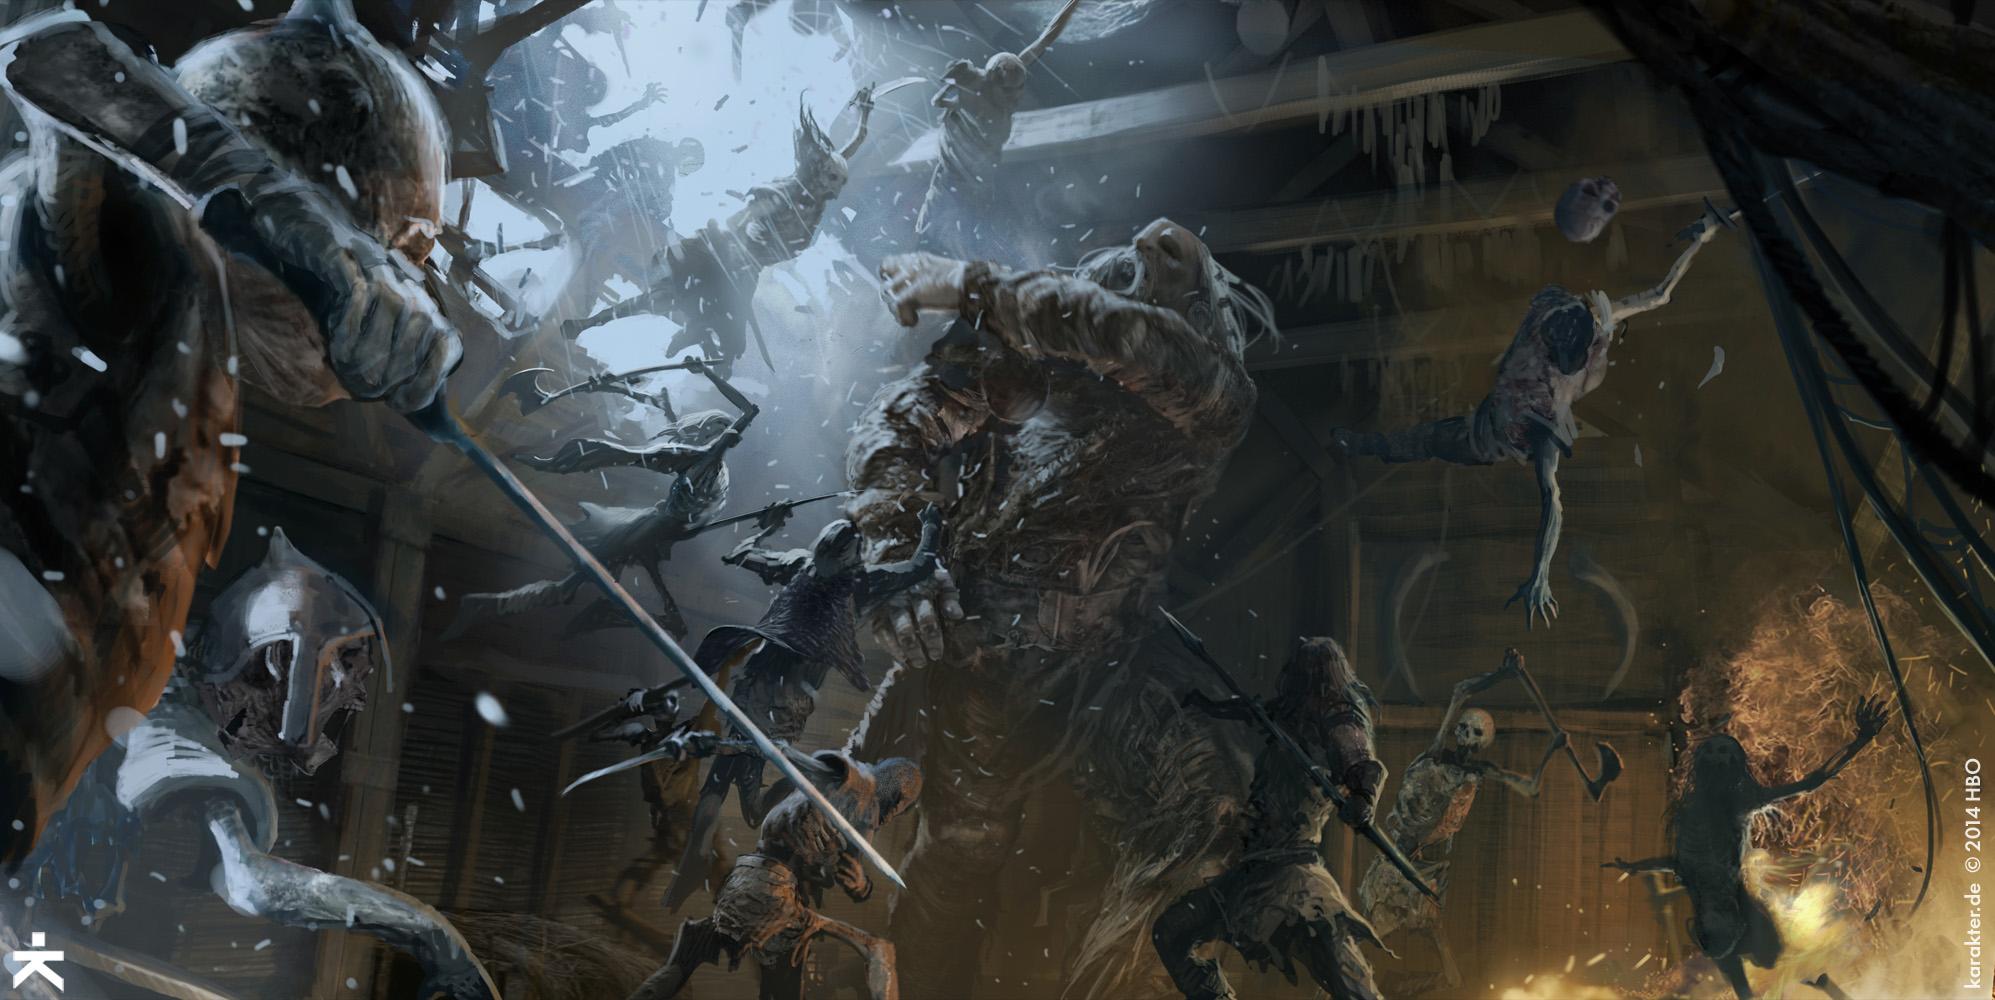 La Batalla de Casa Austera Temporada 5 - 30 imágenes de Concept Art de Juego de Tronos Sorprendentes